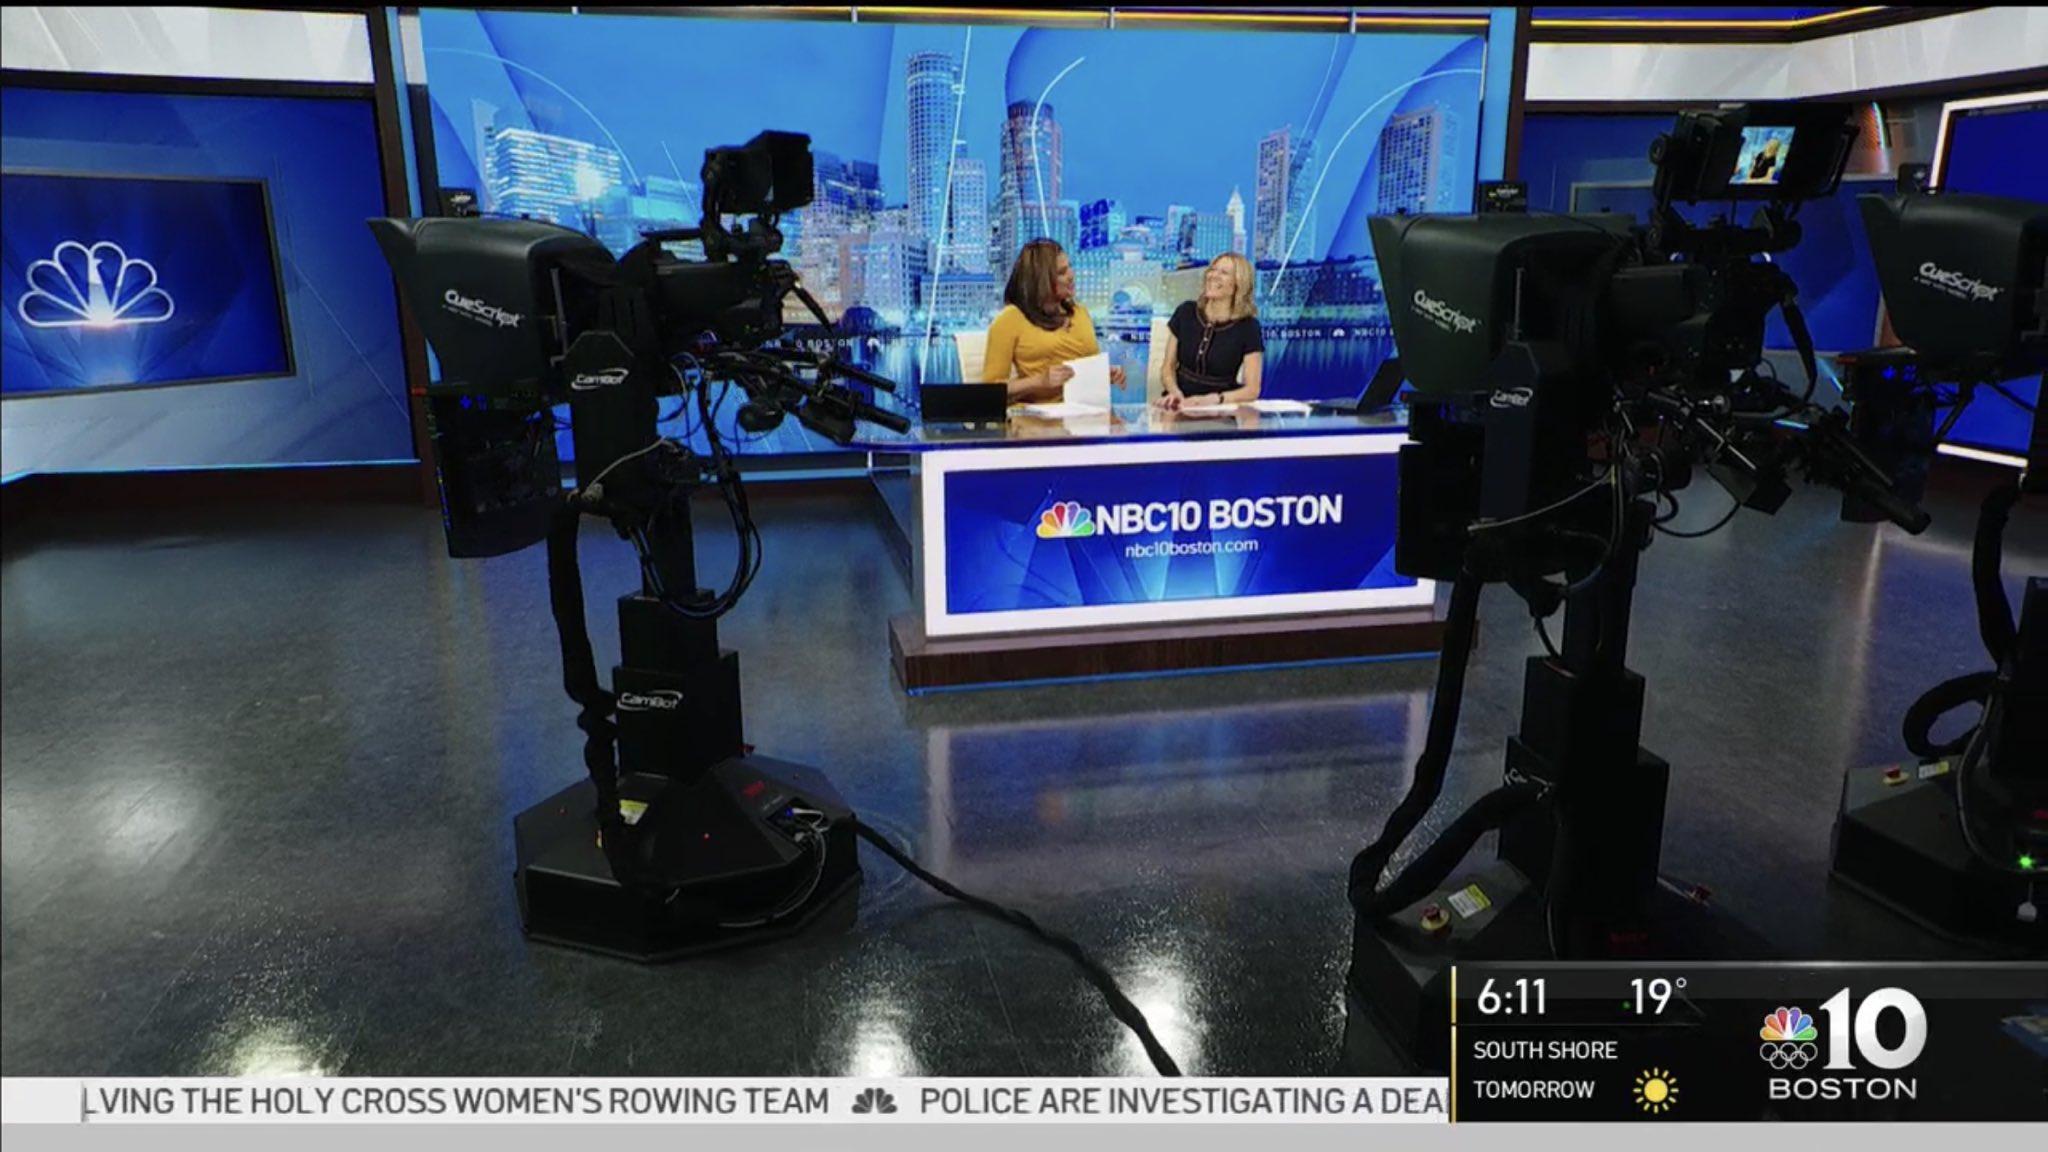 NCS_NBC-10-Boston_Studio_Jack-Morton_14